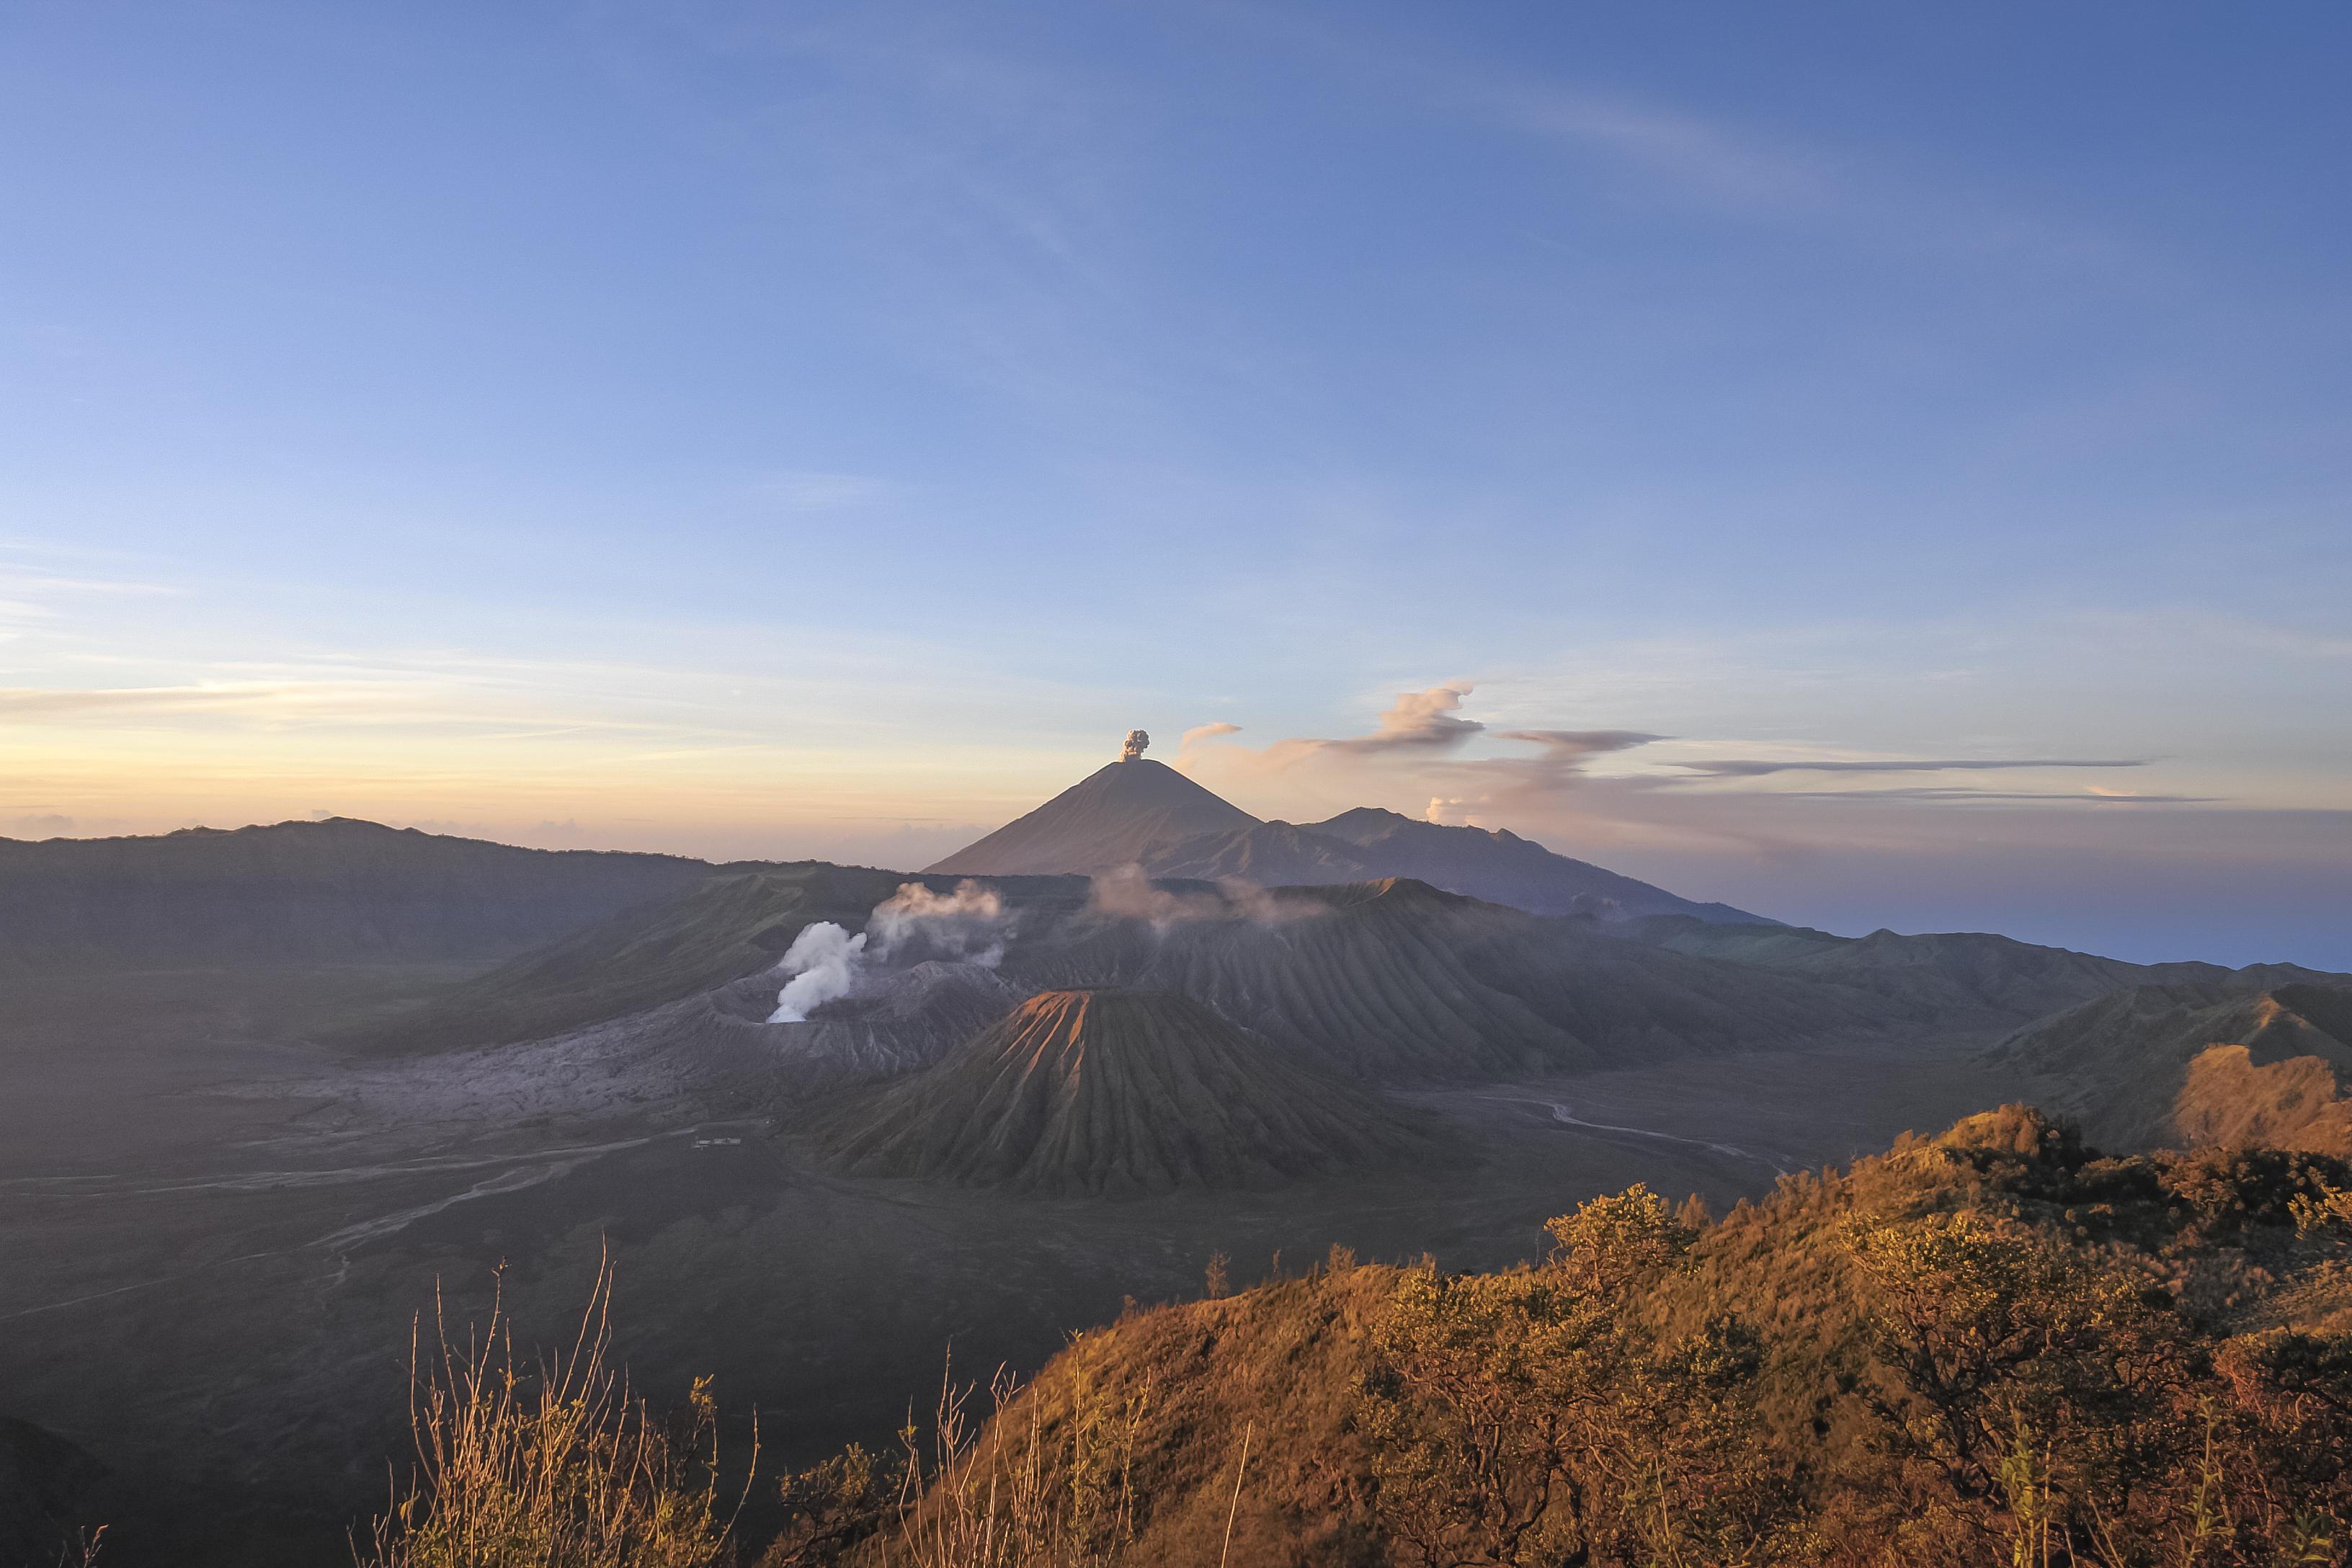 Indonesia - Bromo n Semeru